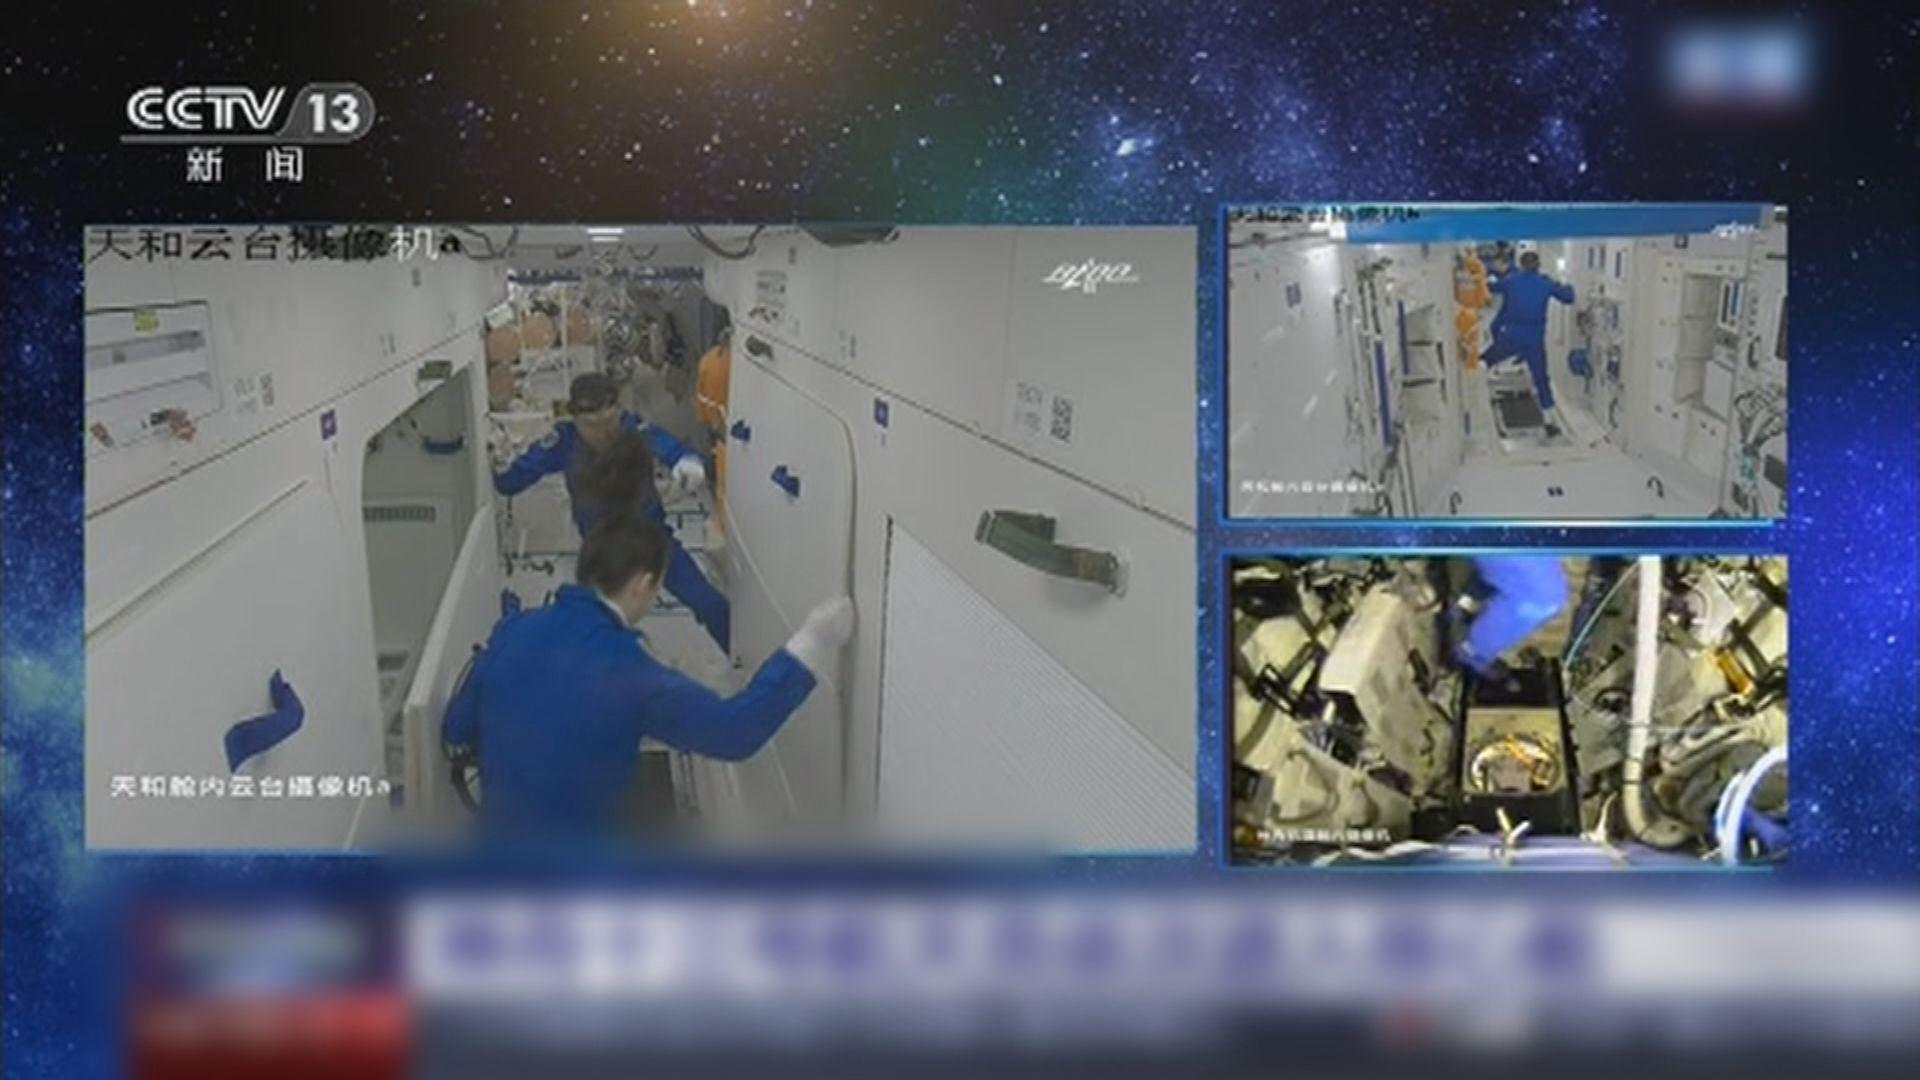 神舟十三號三名太空人順利進入天和核心艙